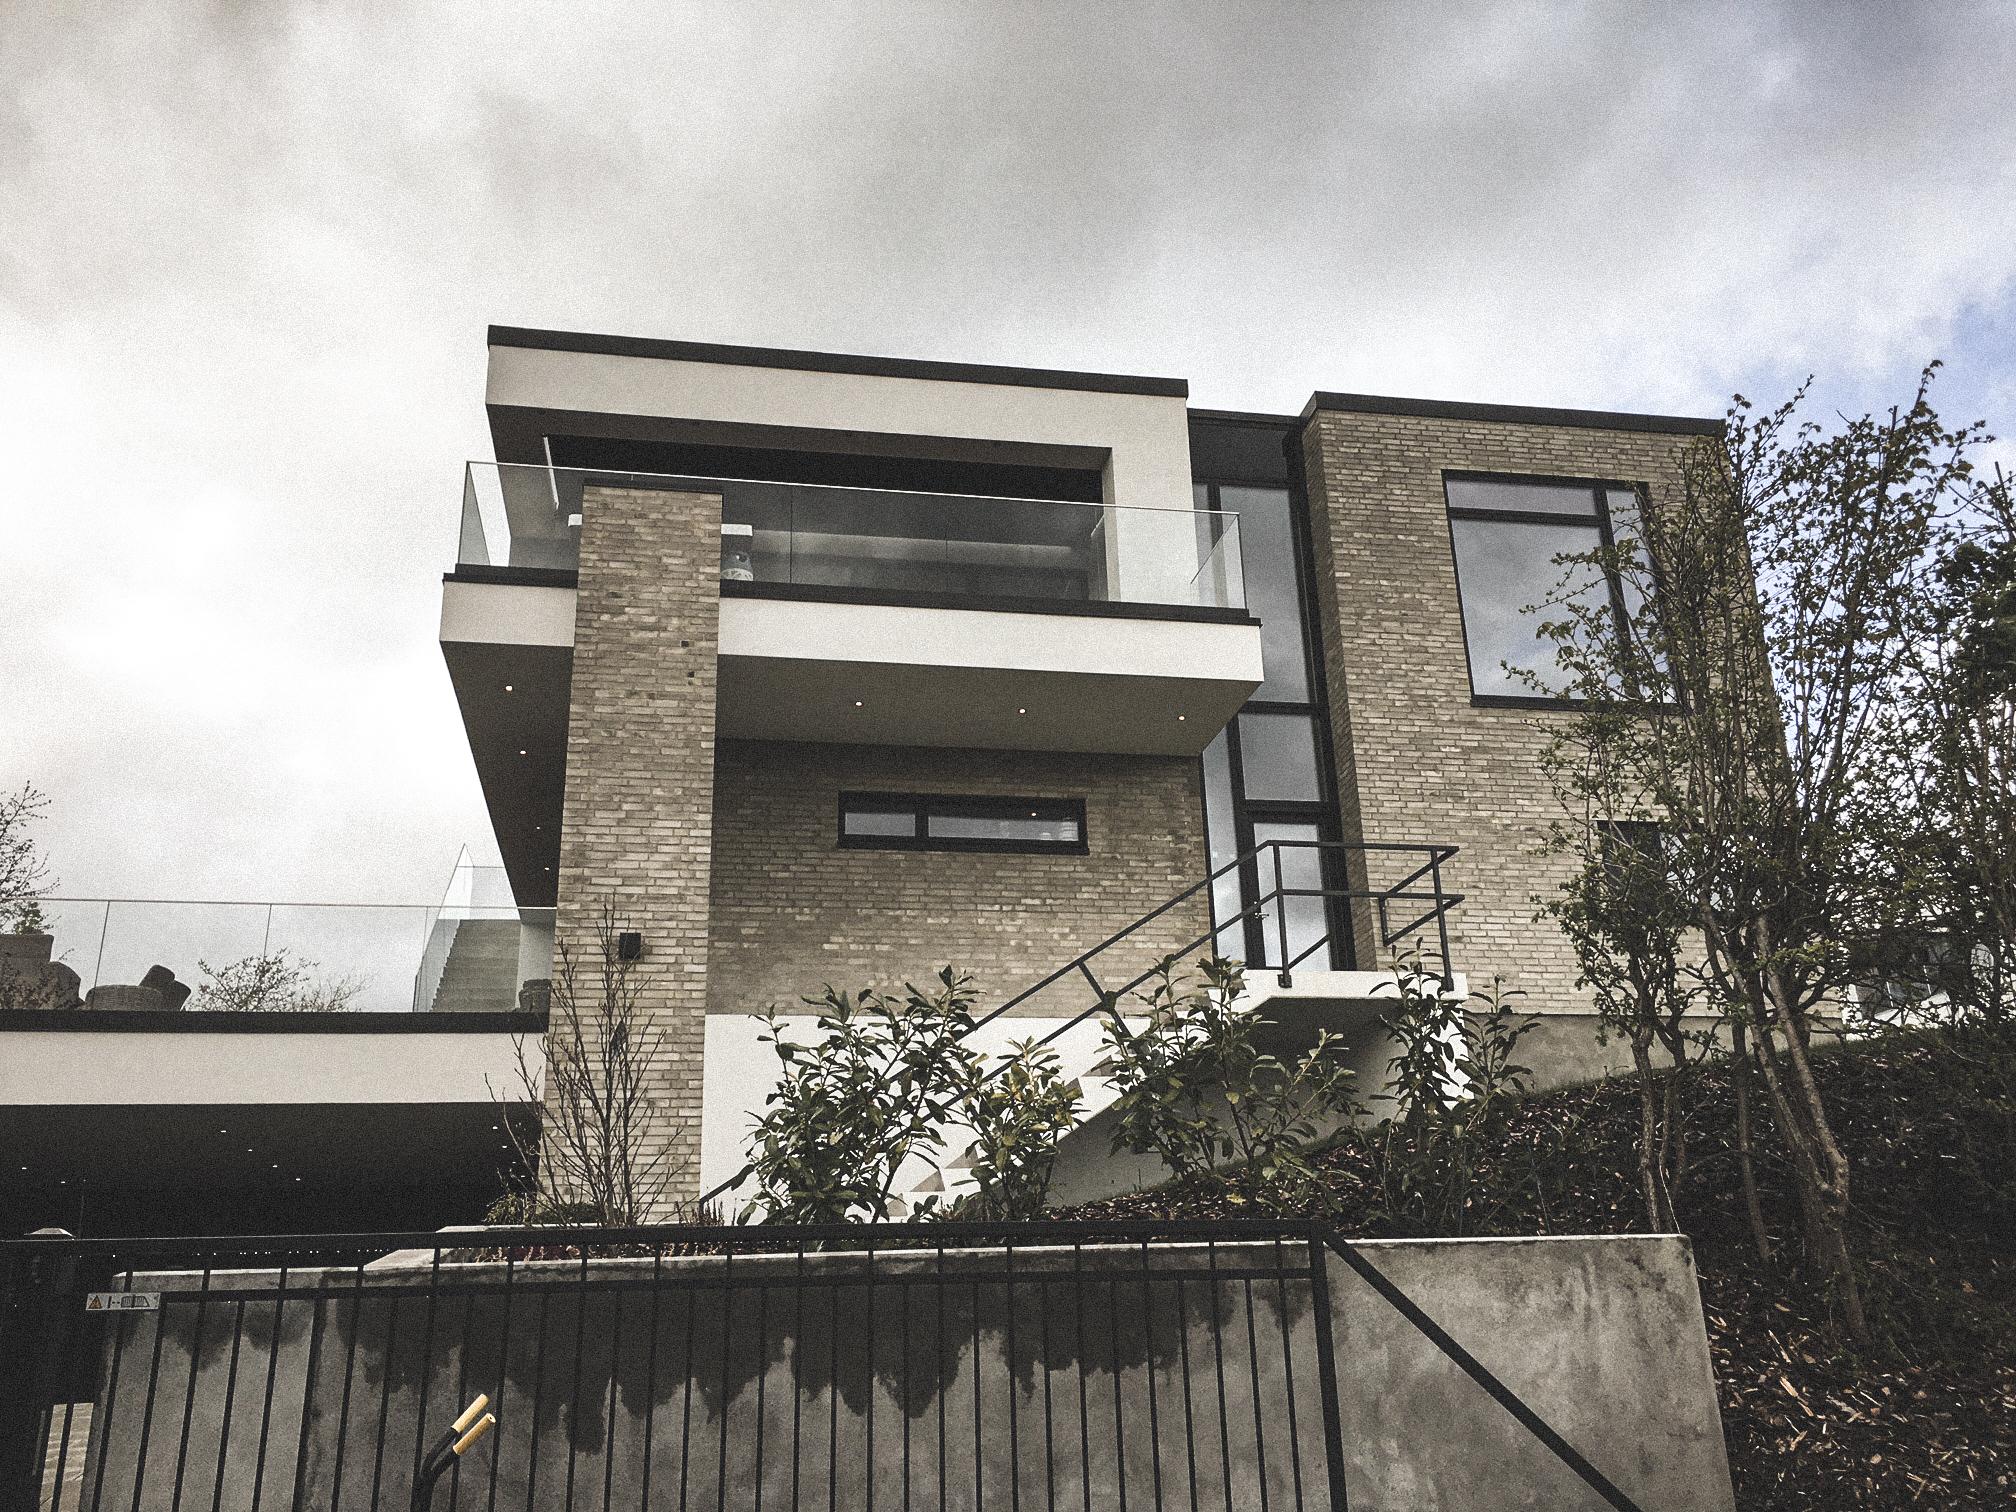 Billede af villa i KOLDING efter indflytning, tegnet af arkitektfirmaet m2plus.